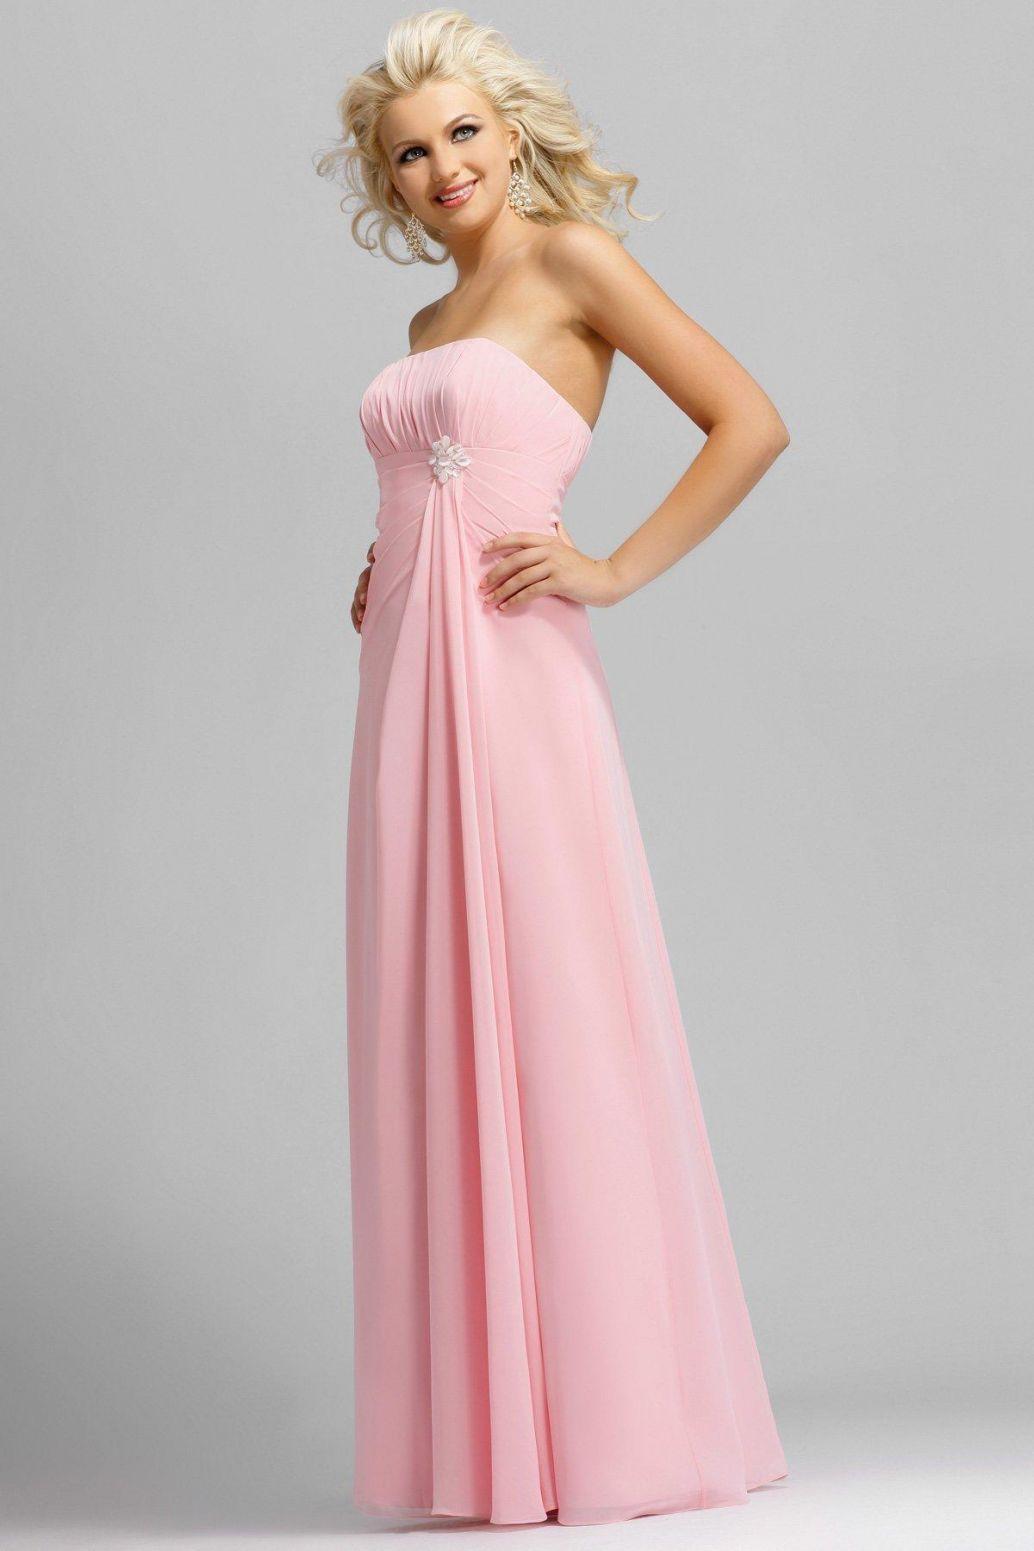 IMAGES bridesmaid dresses | Long Bright Pink Bridesmaid Dress ...